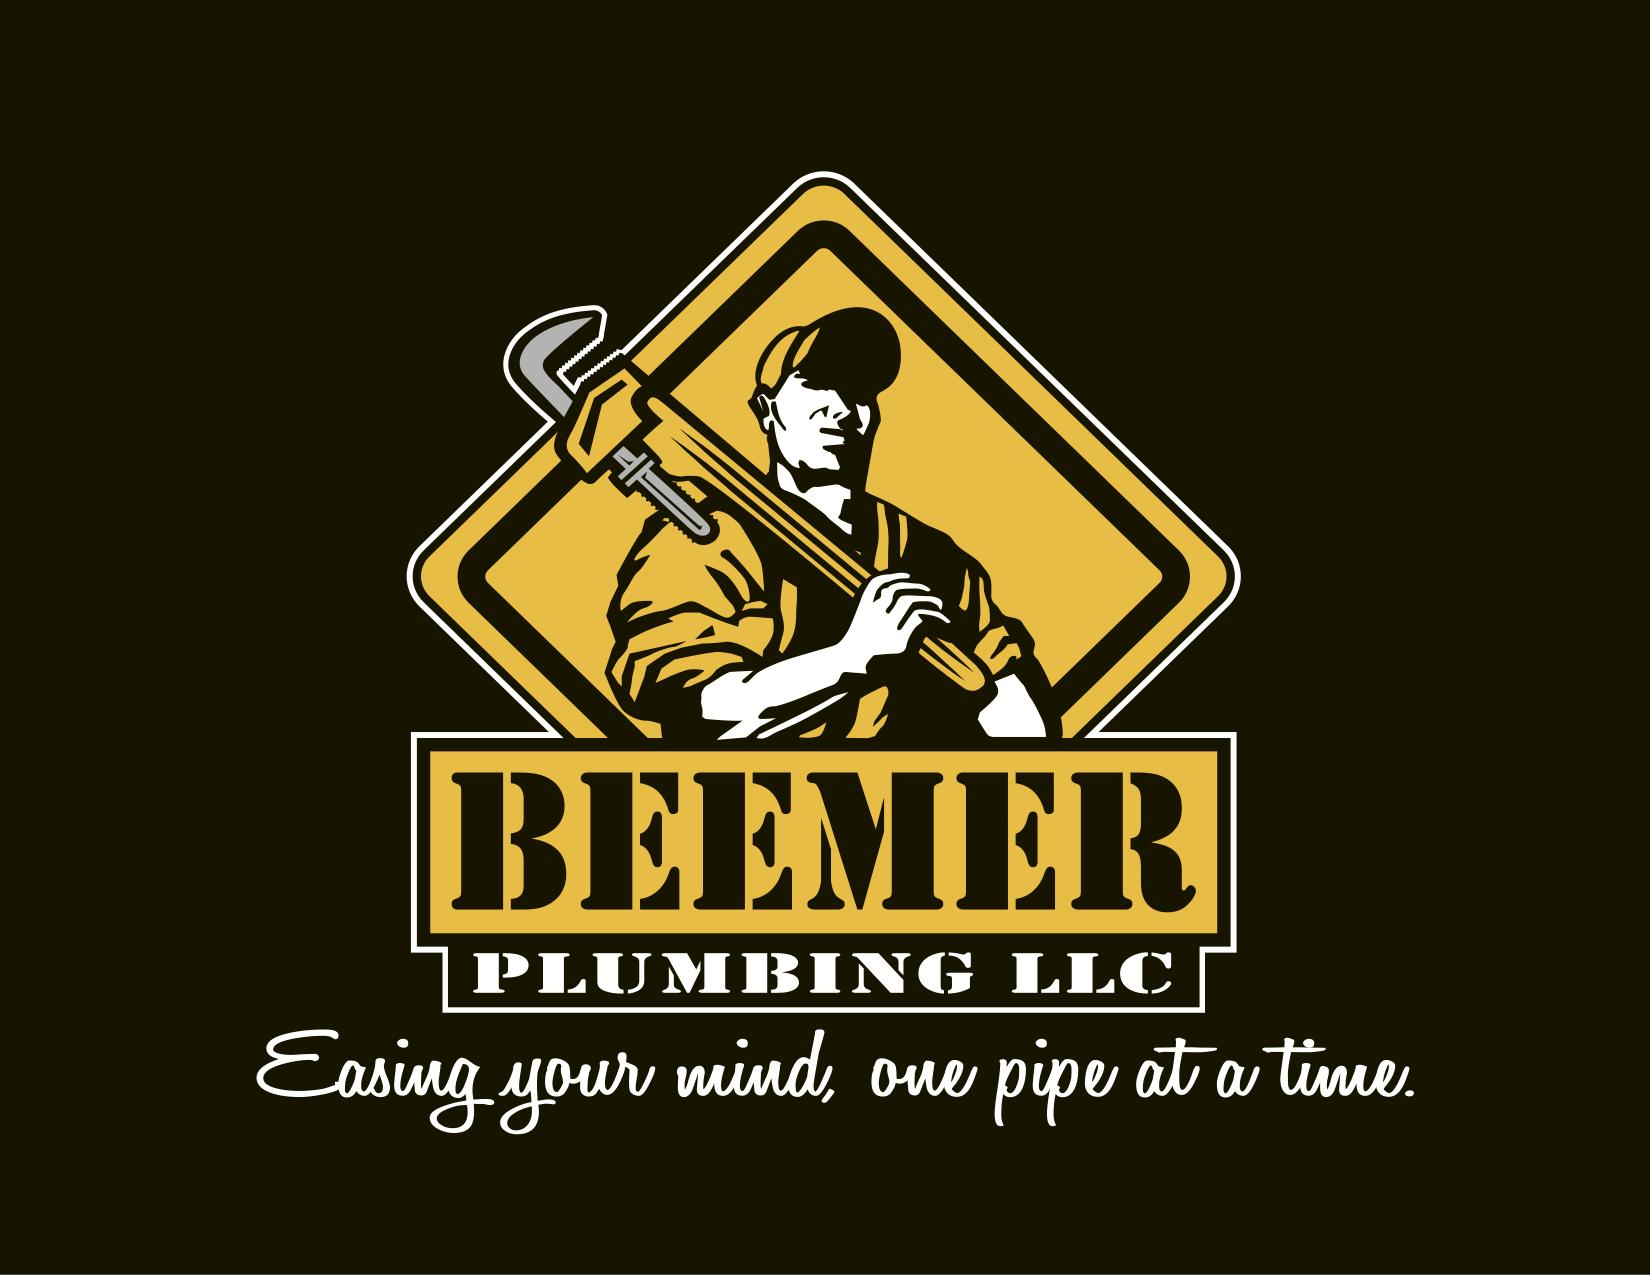 Beemer Plumbing LLC